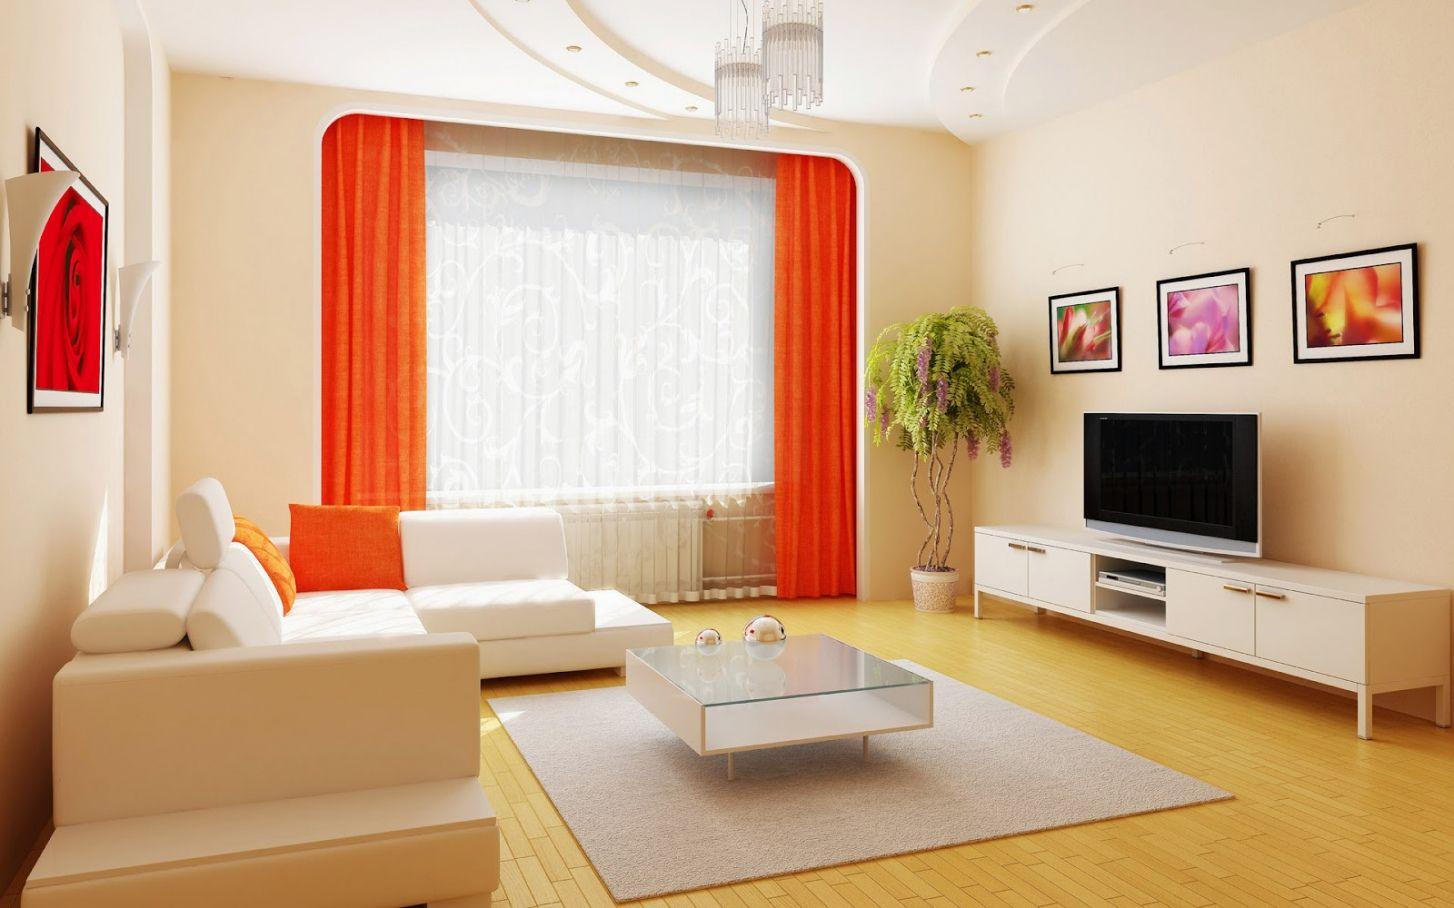 Desain Ruang Keluarga Kecil Minimalis Check More At Http